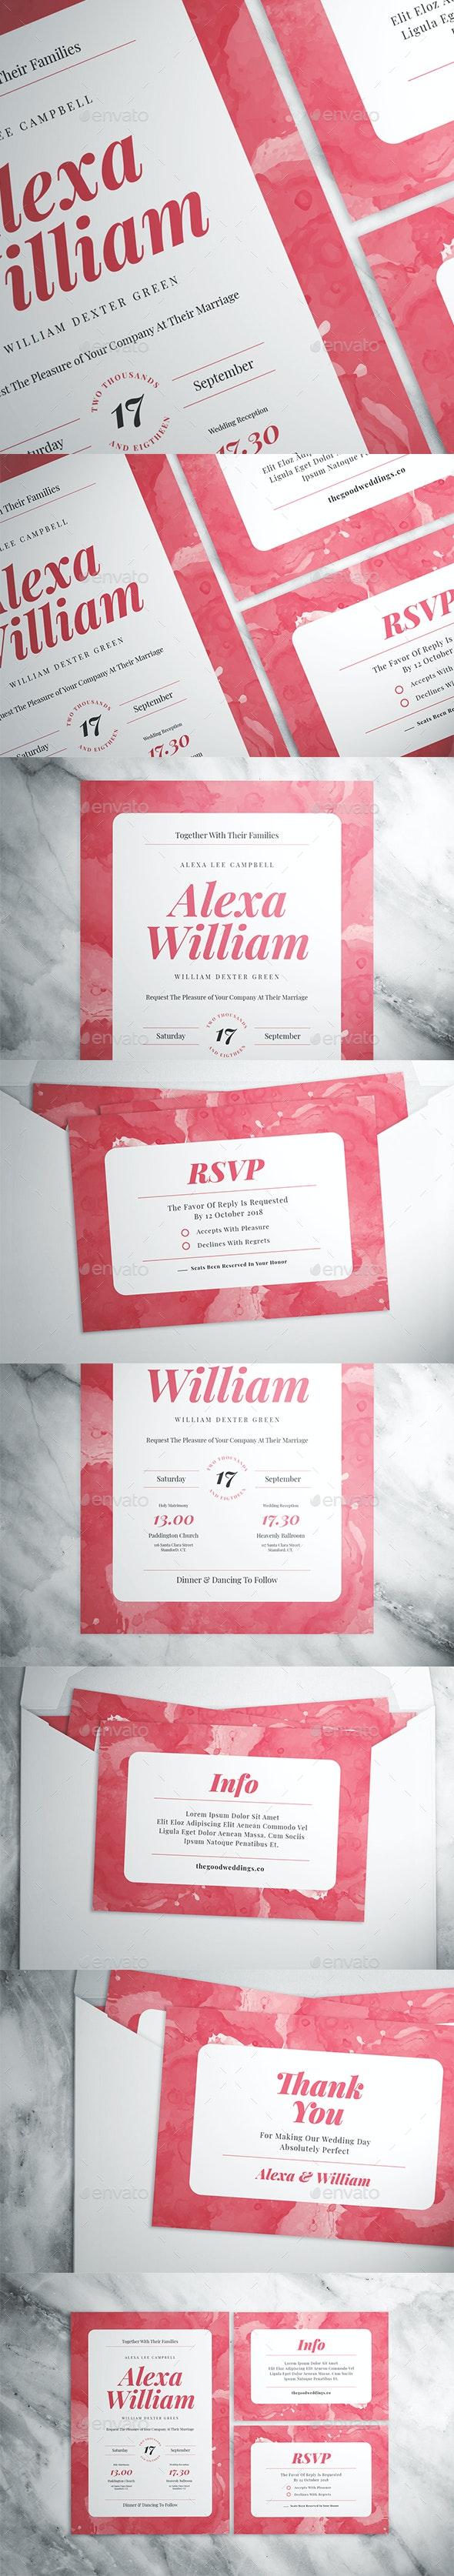 Watercolor Wedding Suite - Weddings Cards & Invites